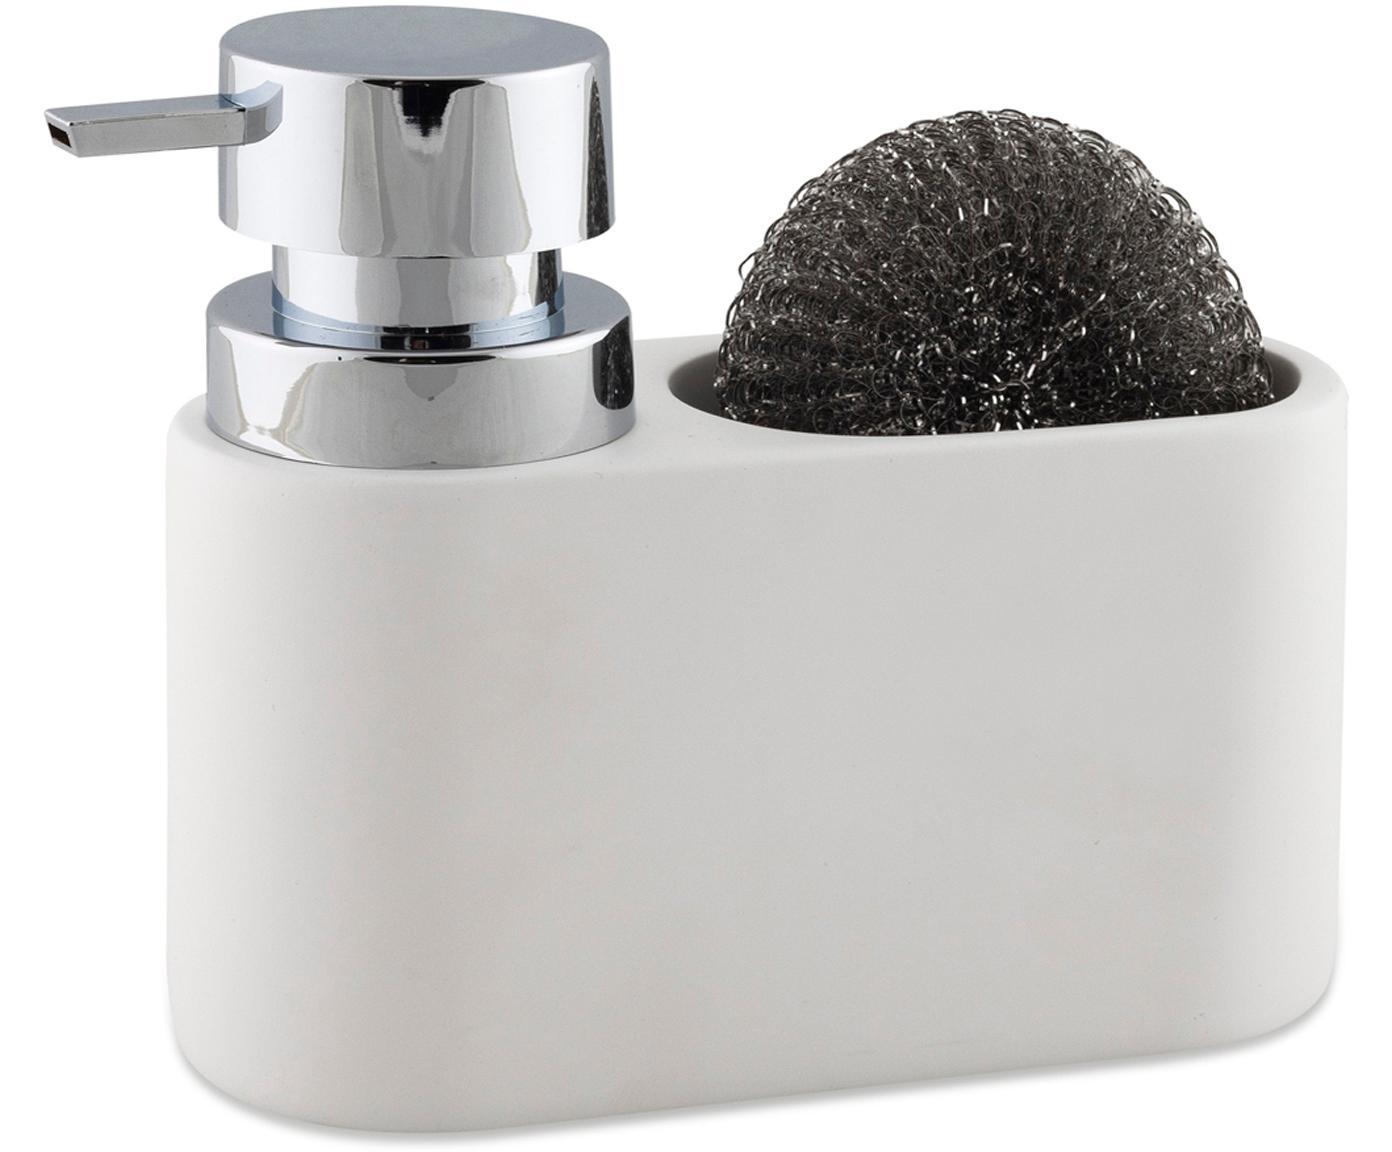 Seifenspender Strepa mit Schwamm, 2-tlg., Behälter: Polyresin, Pumpkopf: ABS-Kunststoff, Weiß, Silberfarben, 19 x 15 cm